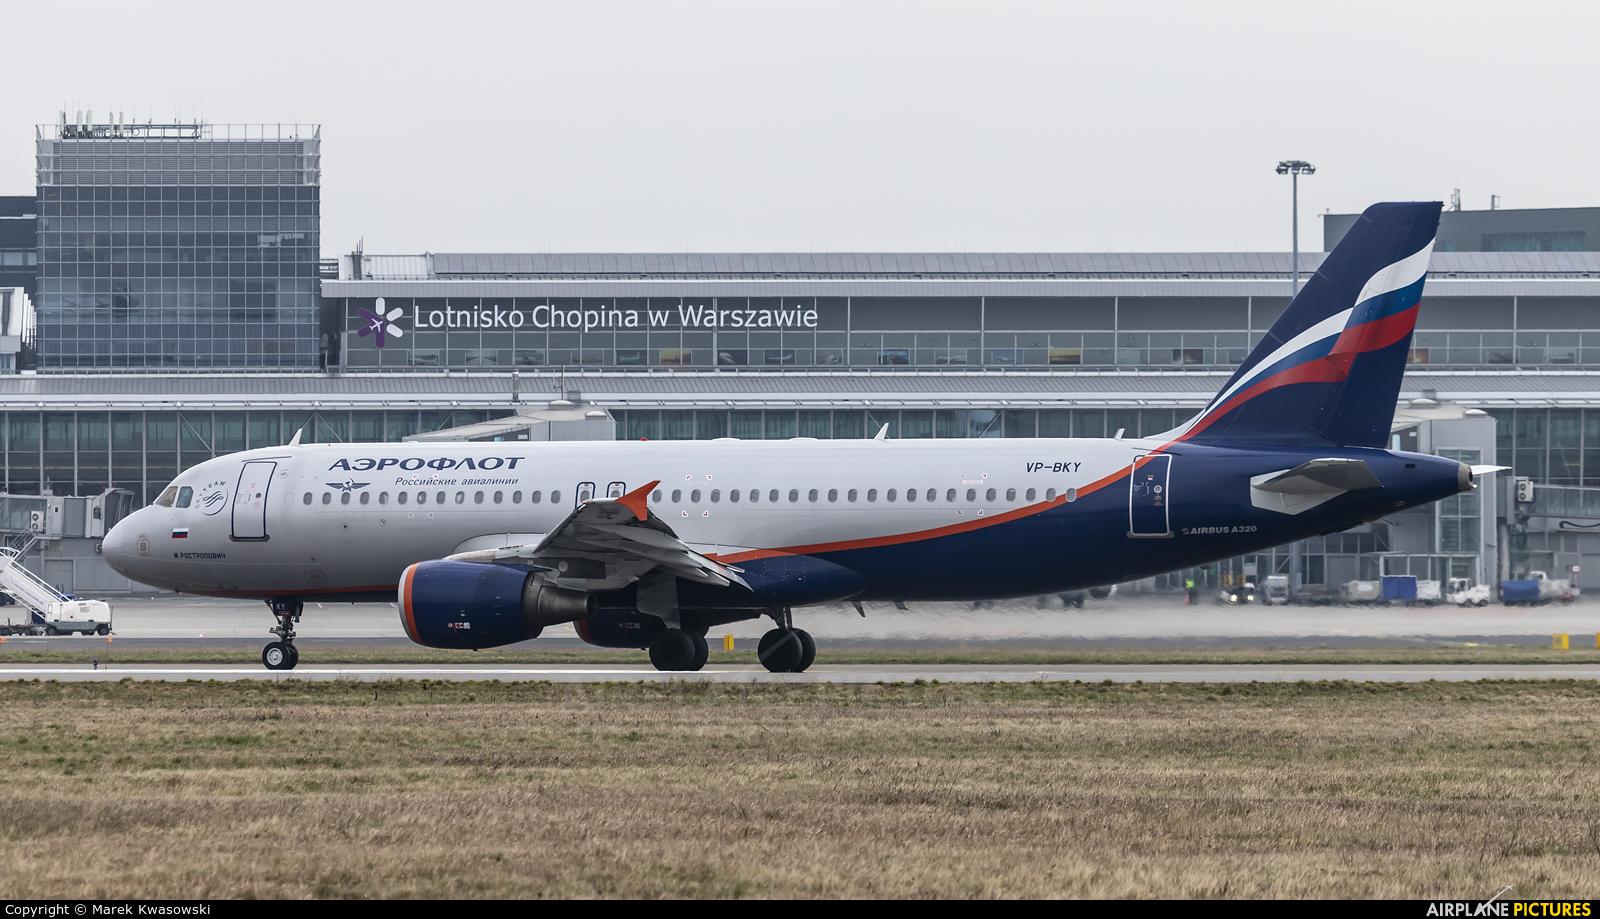 Aeroflot VP-BKY aircraft at Warsaw - Frederic Chopin